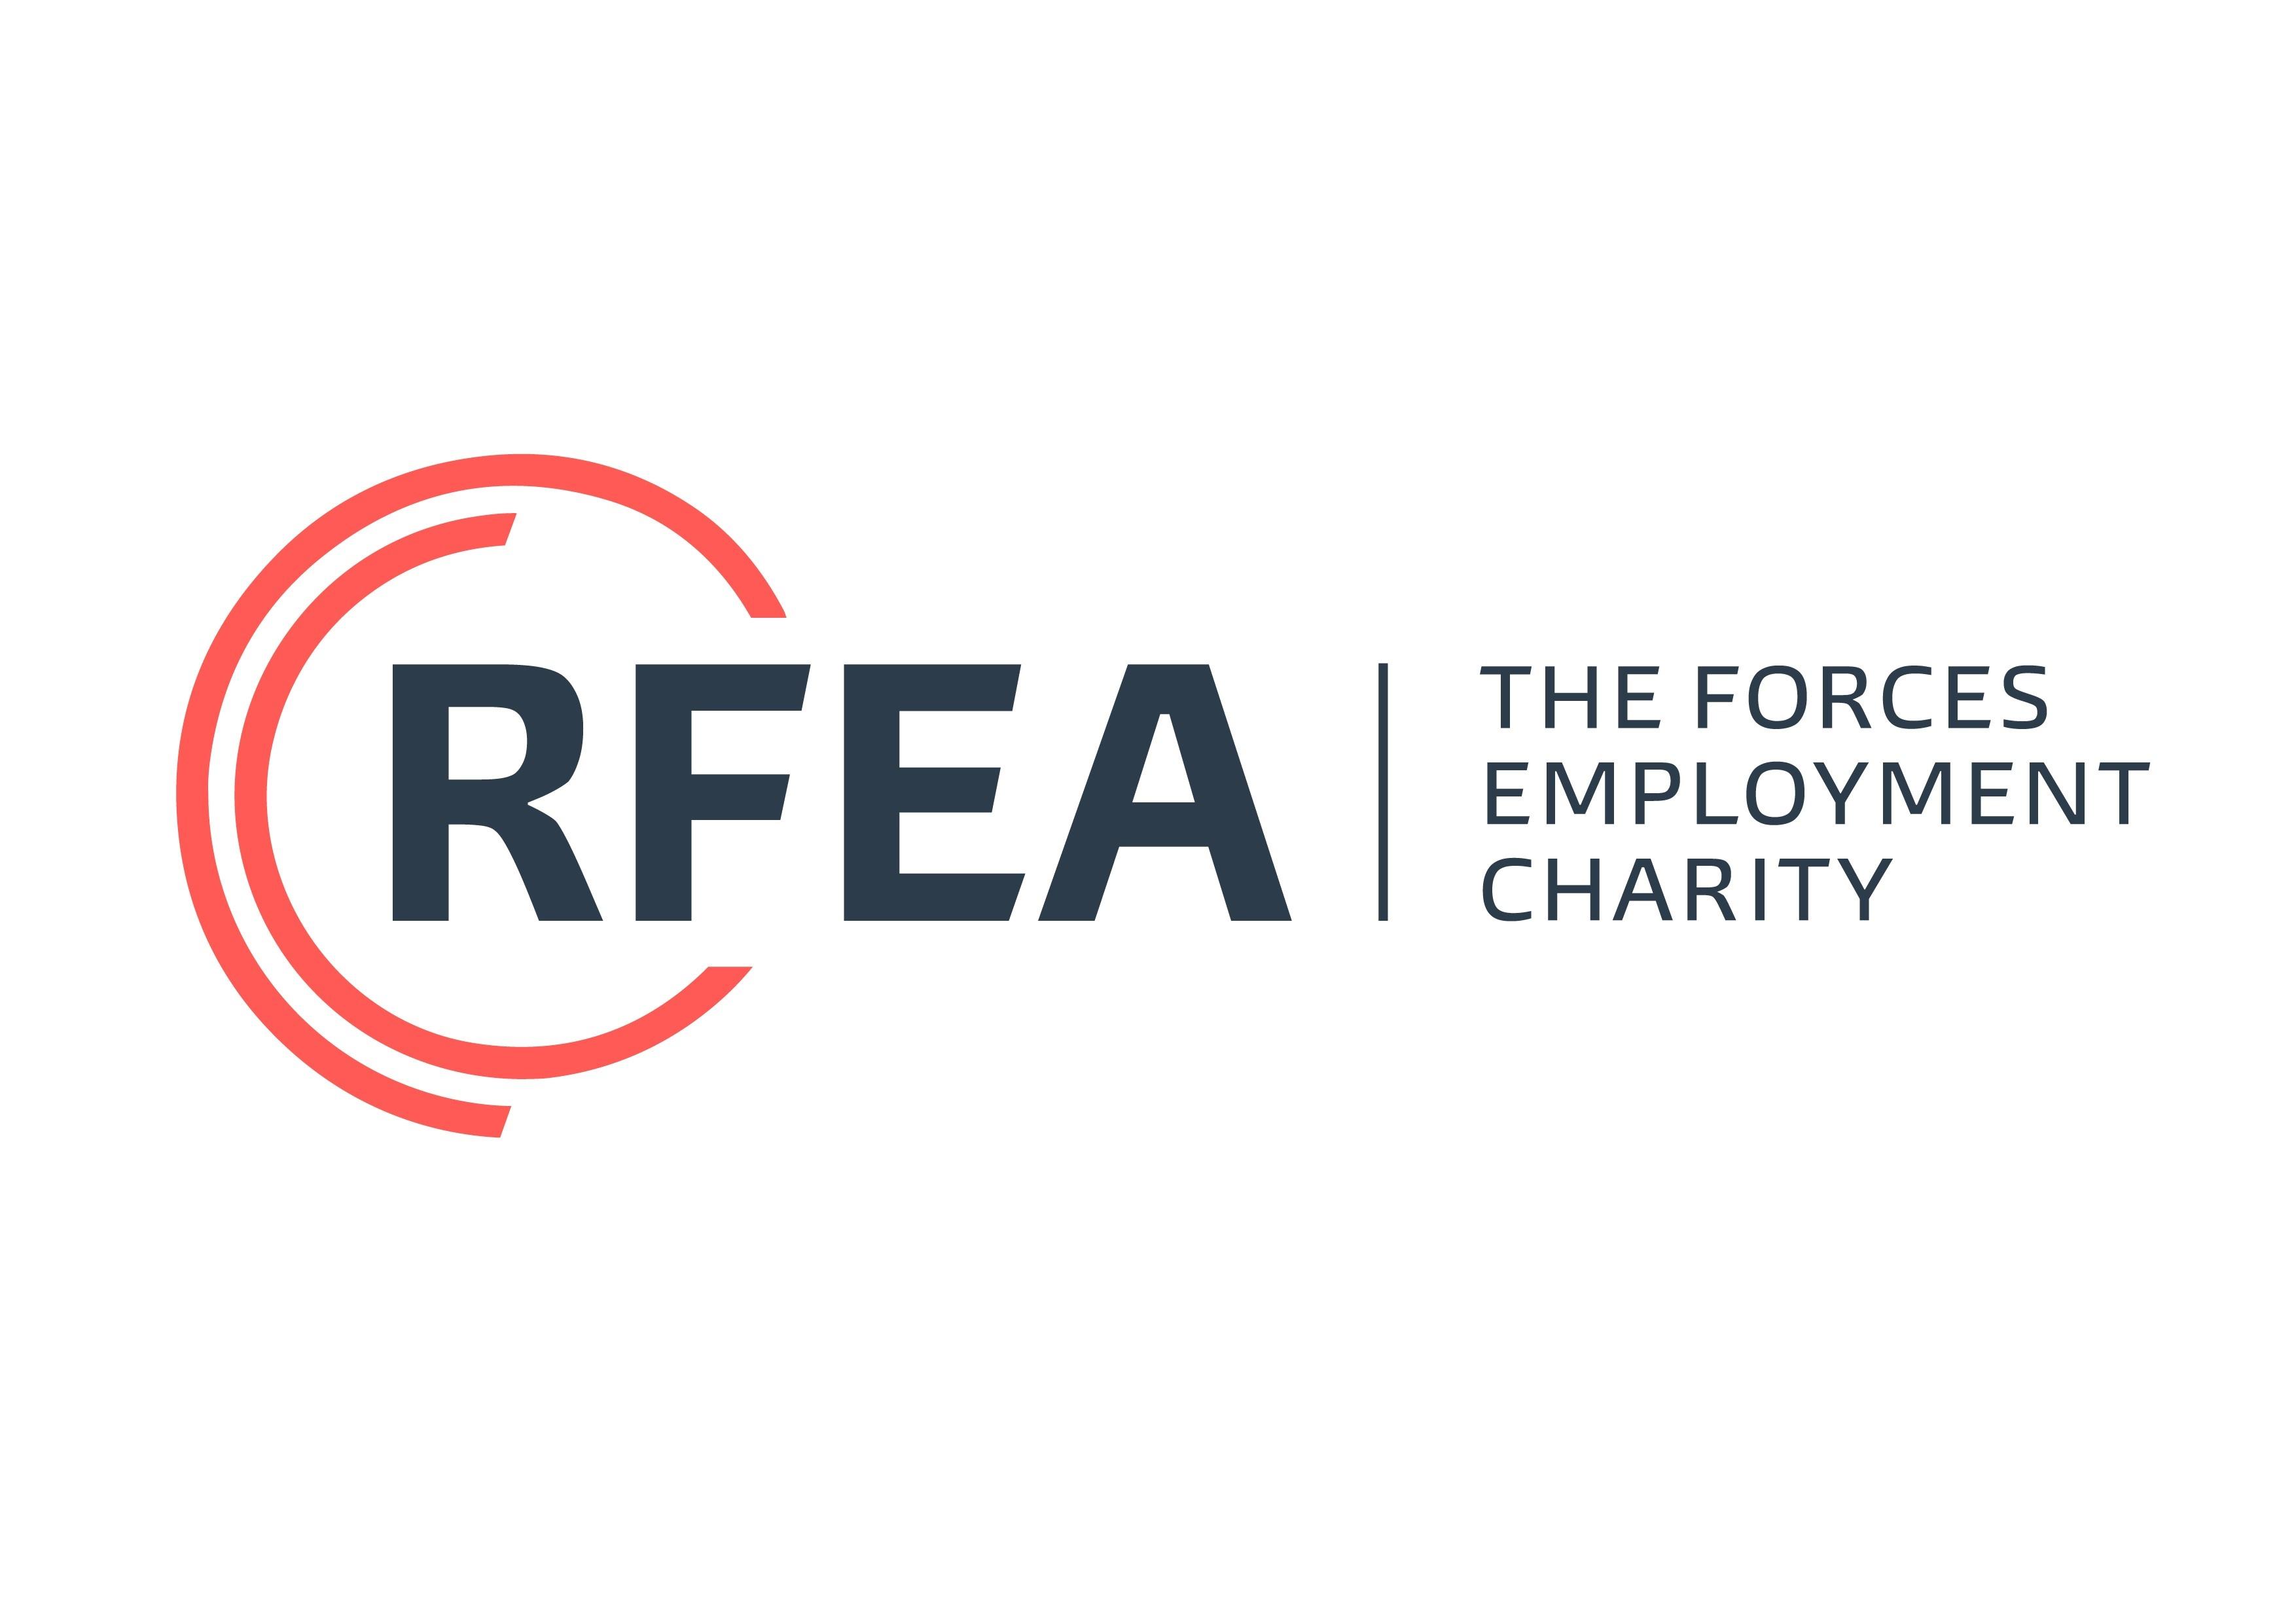 http://www.rfea.org.uk/